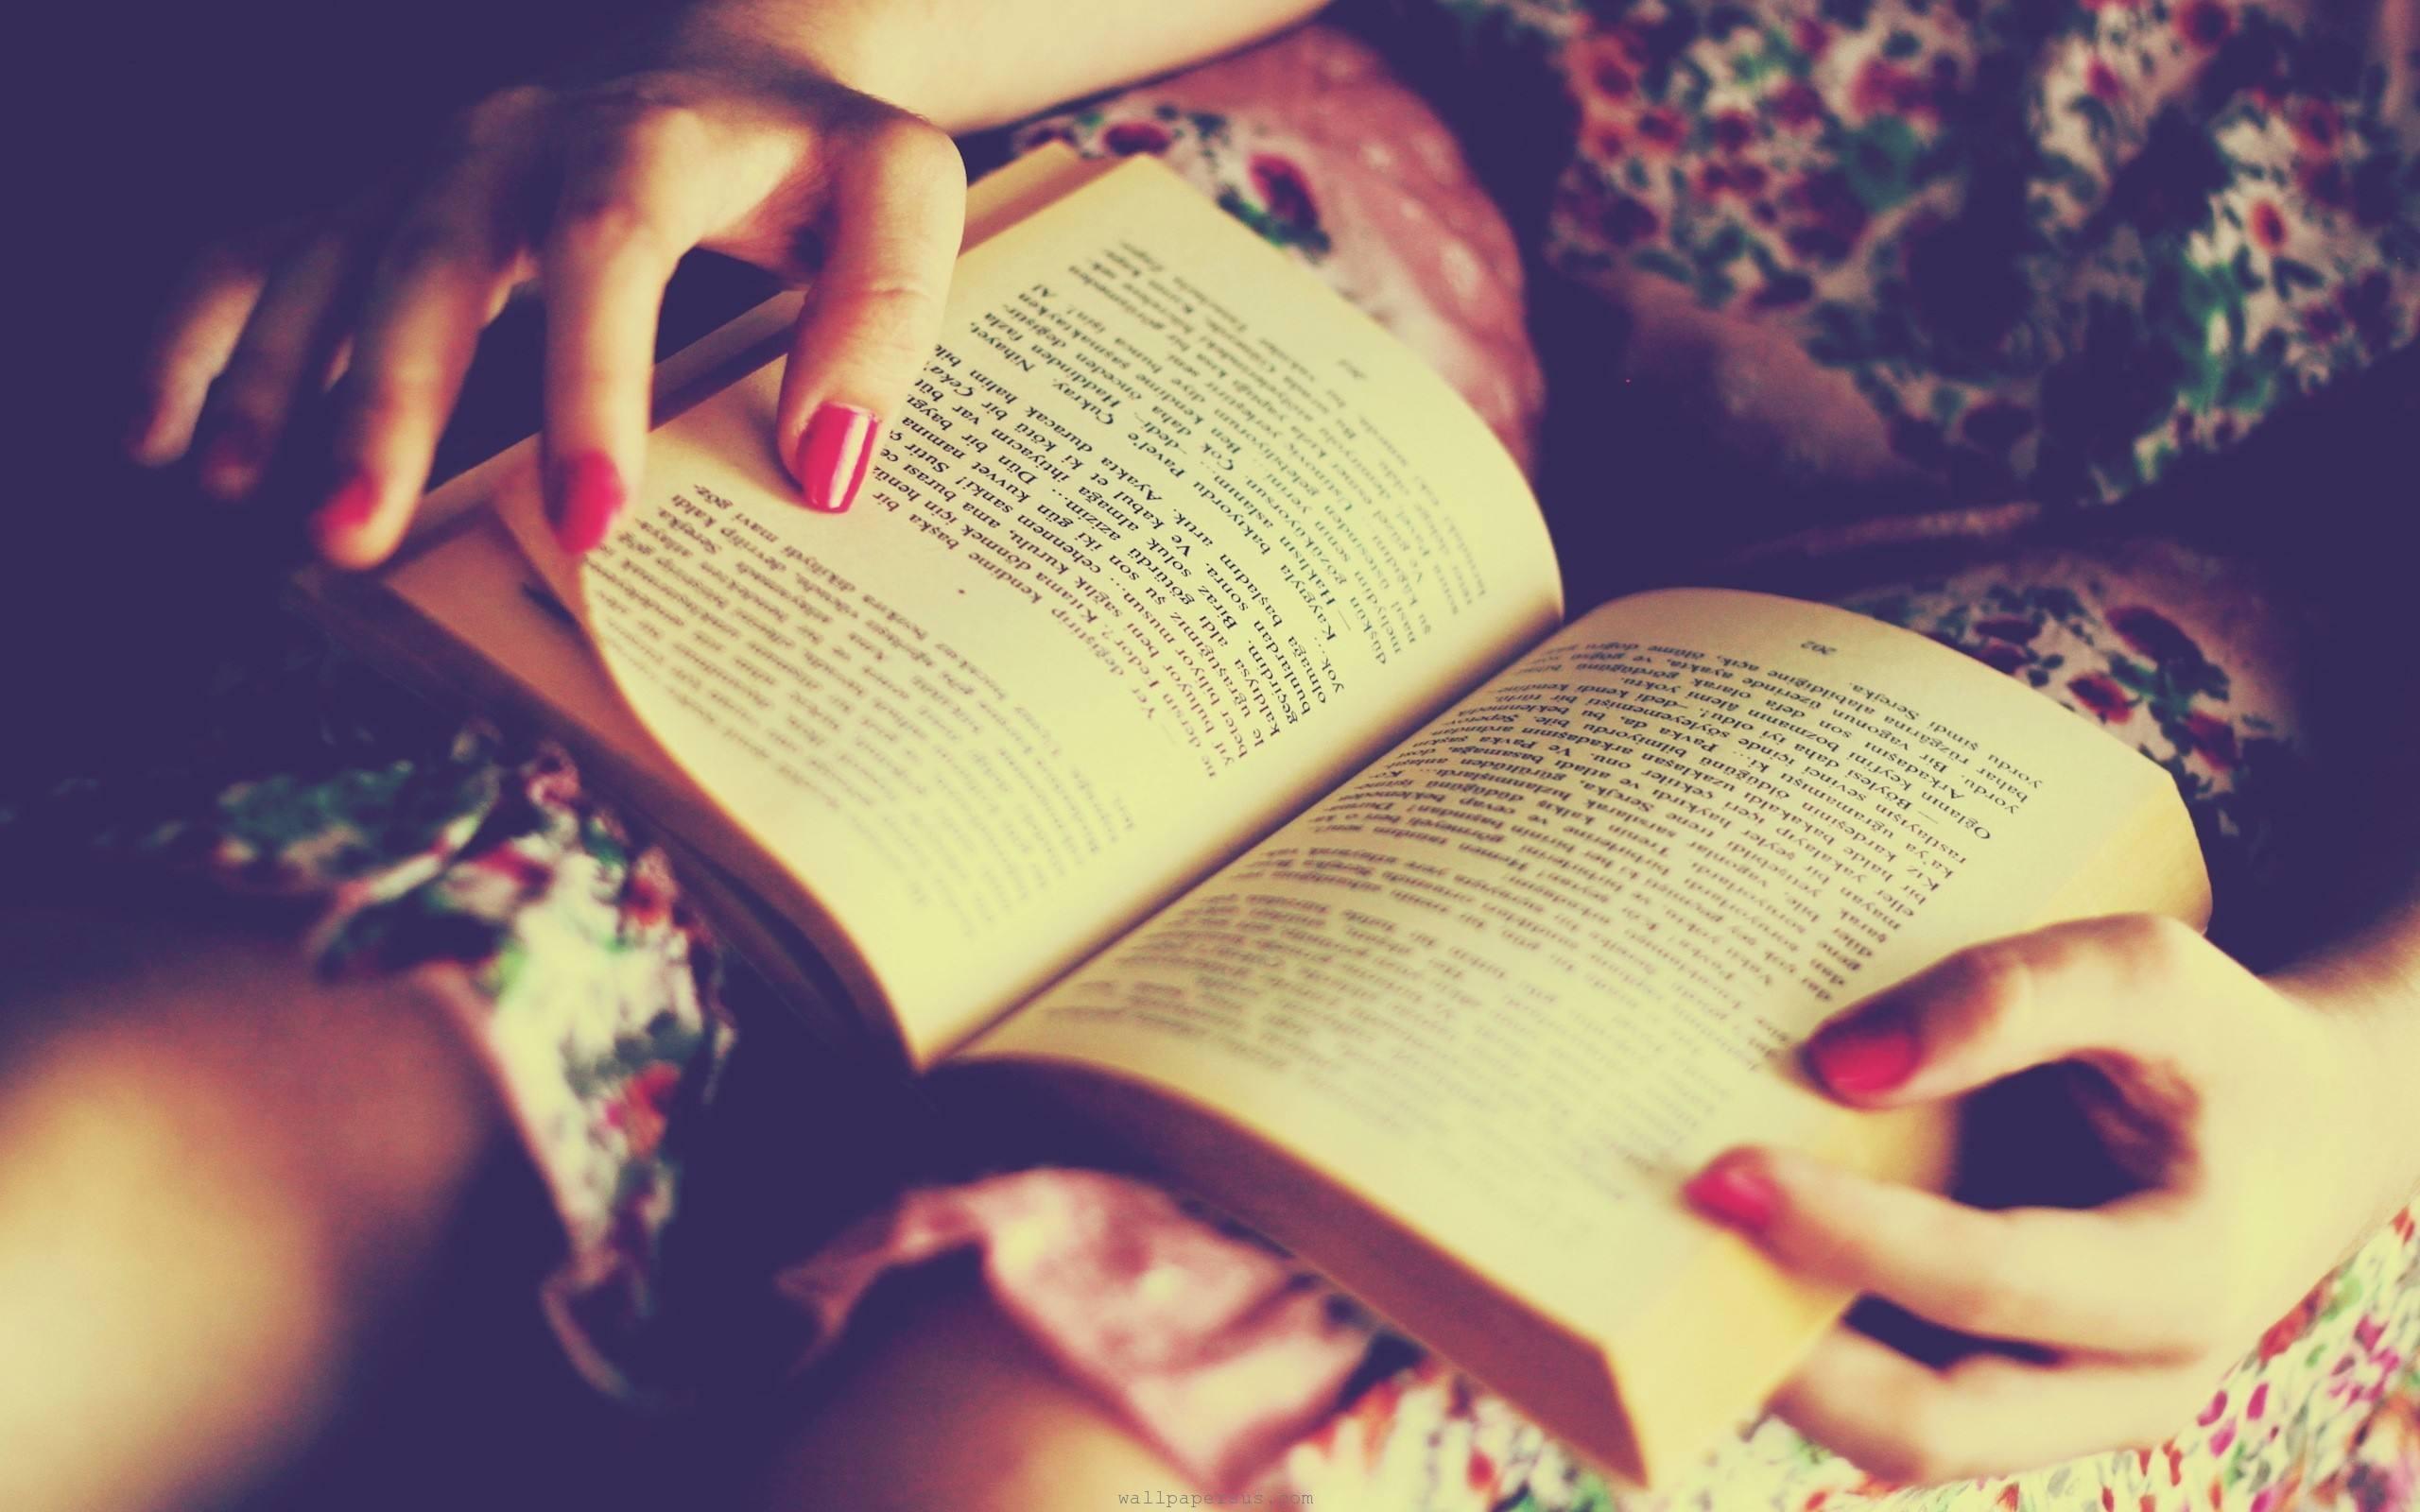 《豆瓣阅读》优质创作阅读平台